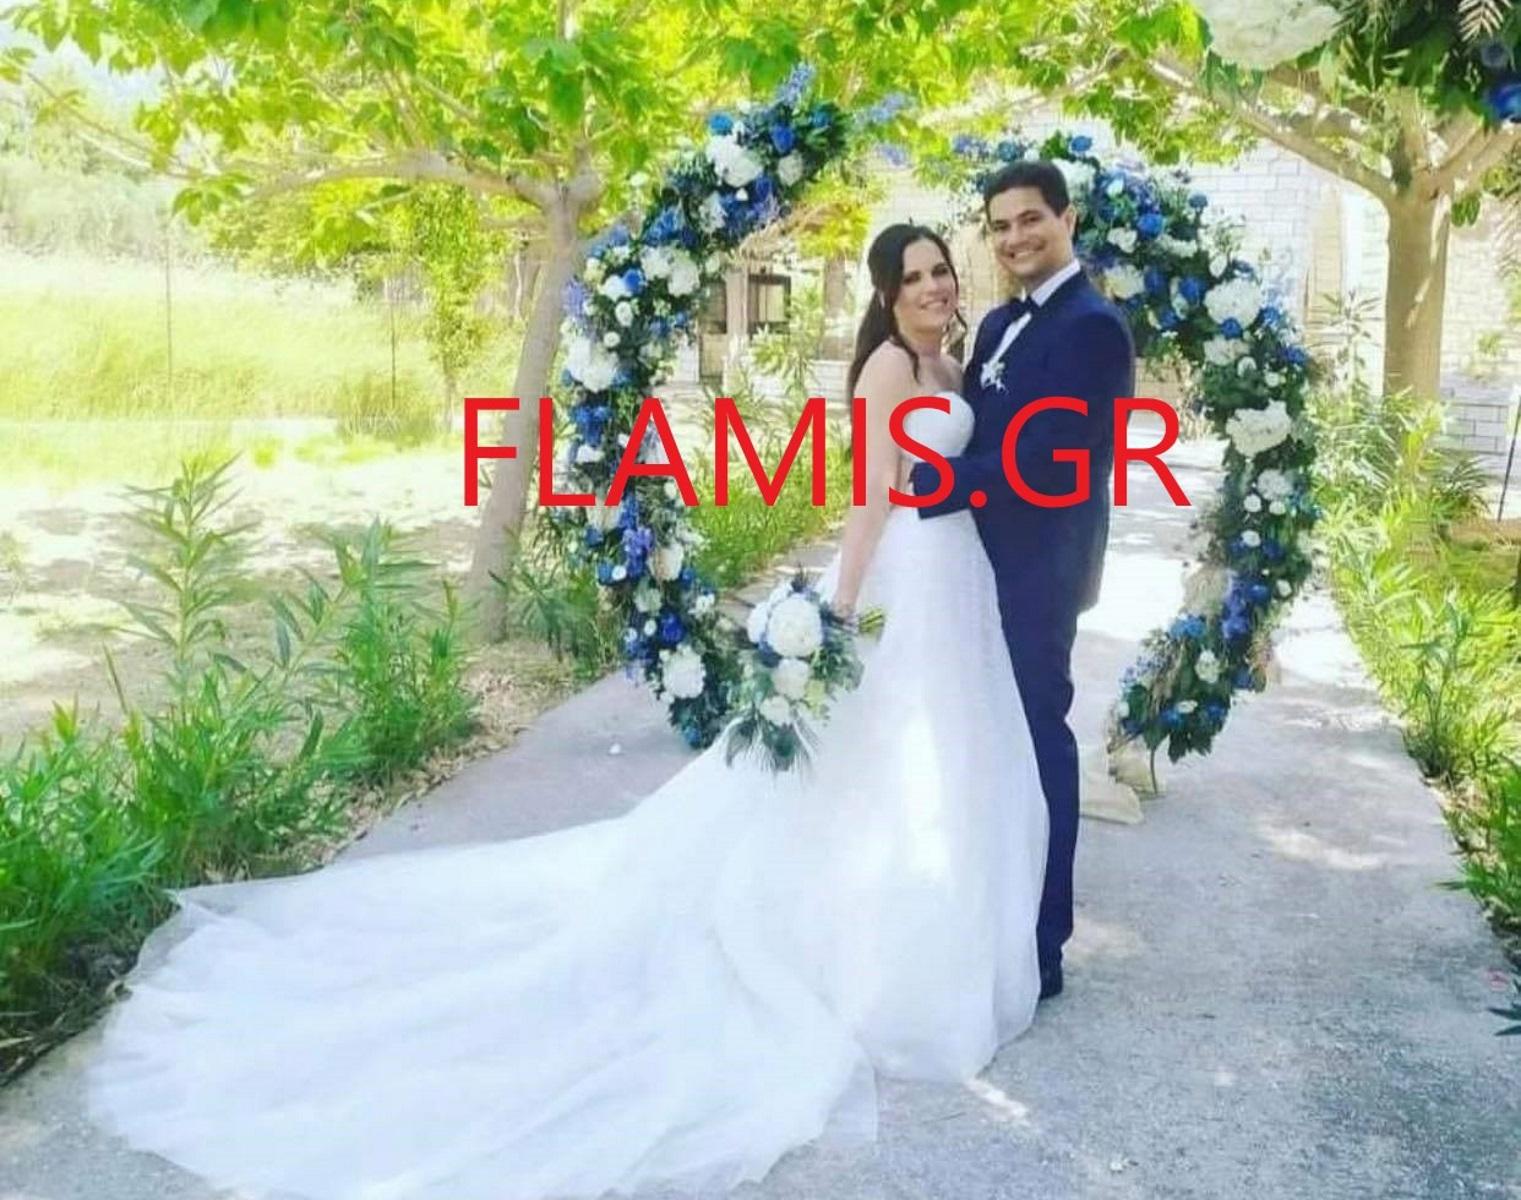 Επεισοδιακός γάμος στον Μαραθιά Φωκίδος: Η νύφη εγκλωβίστηκε στη φωτιά